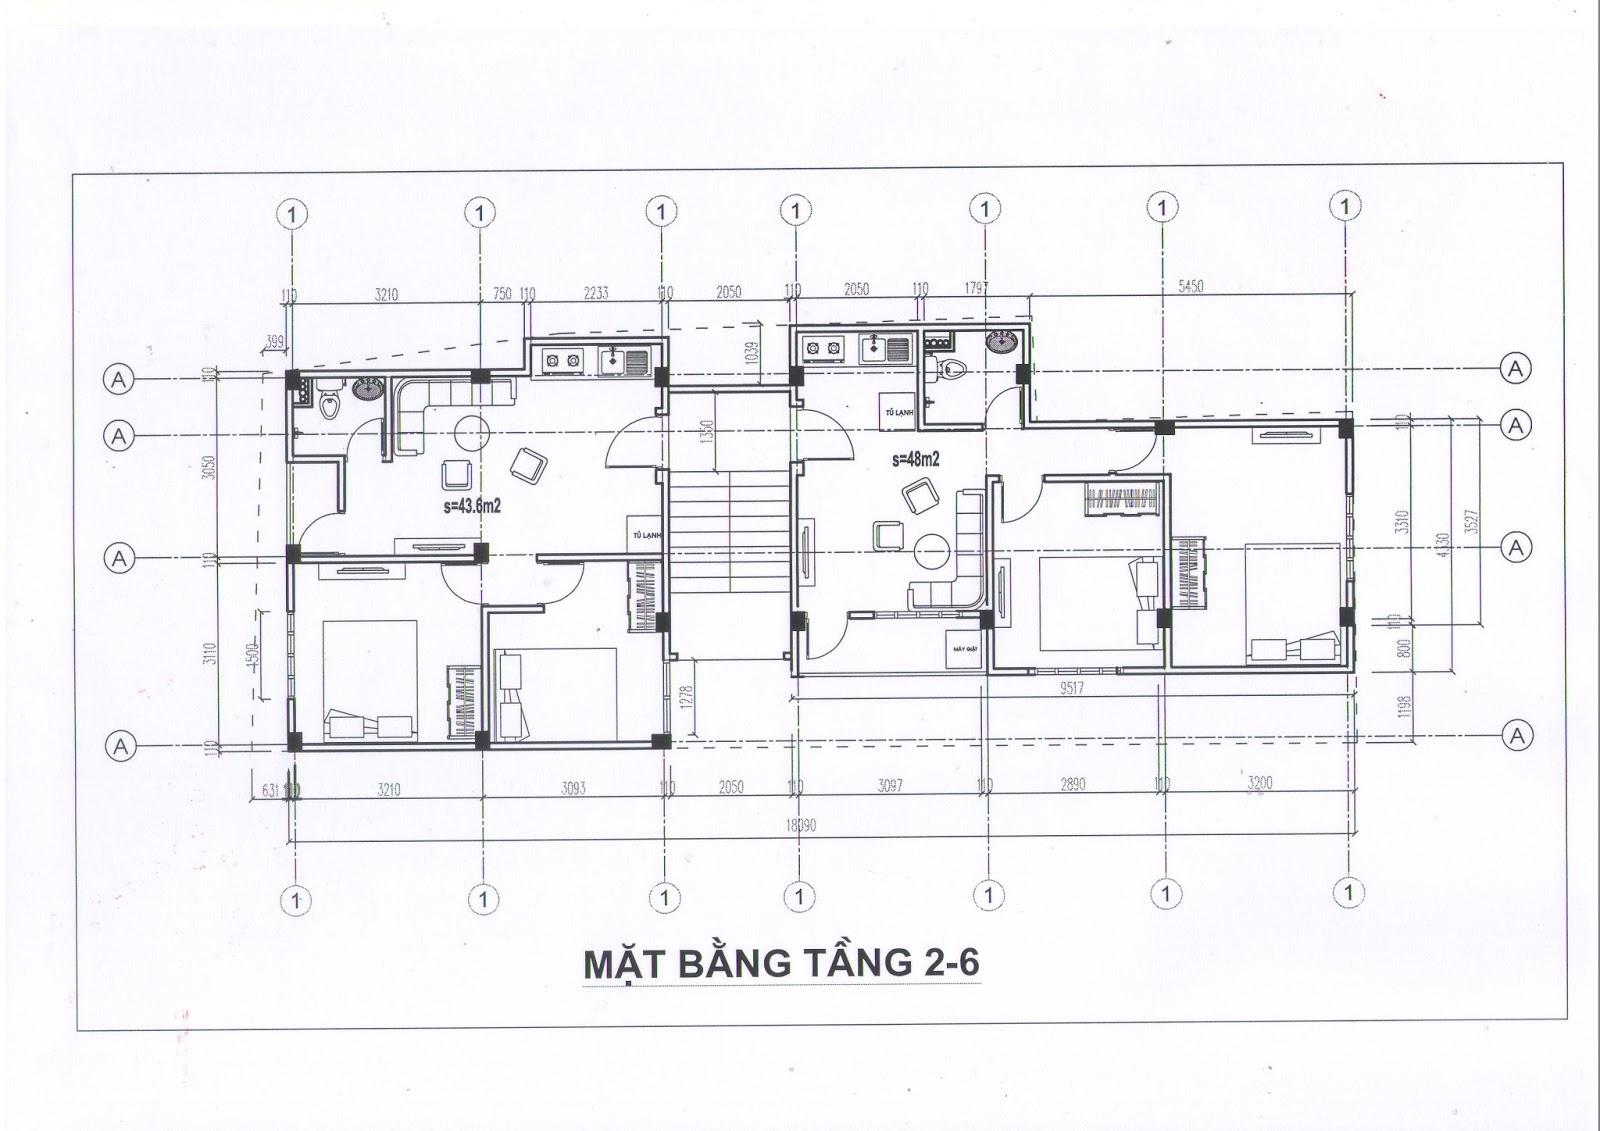 Bán chung cư mini 173 Đông Ngạc Sổ Đỏ Riêng 48m2 giá SỐC